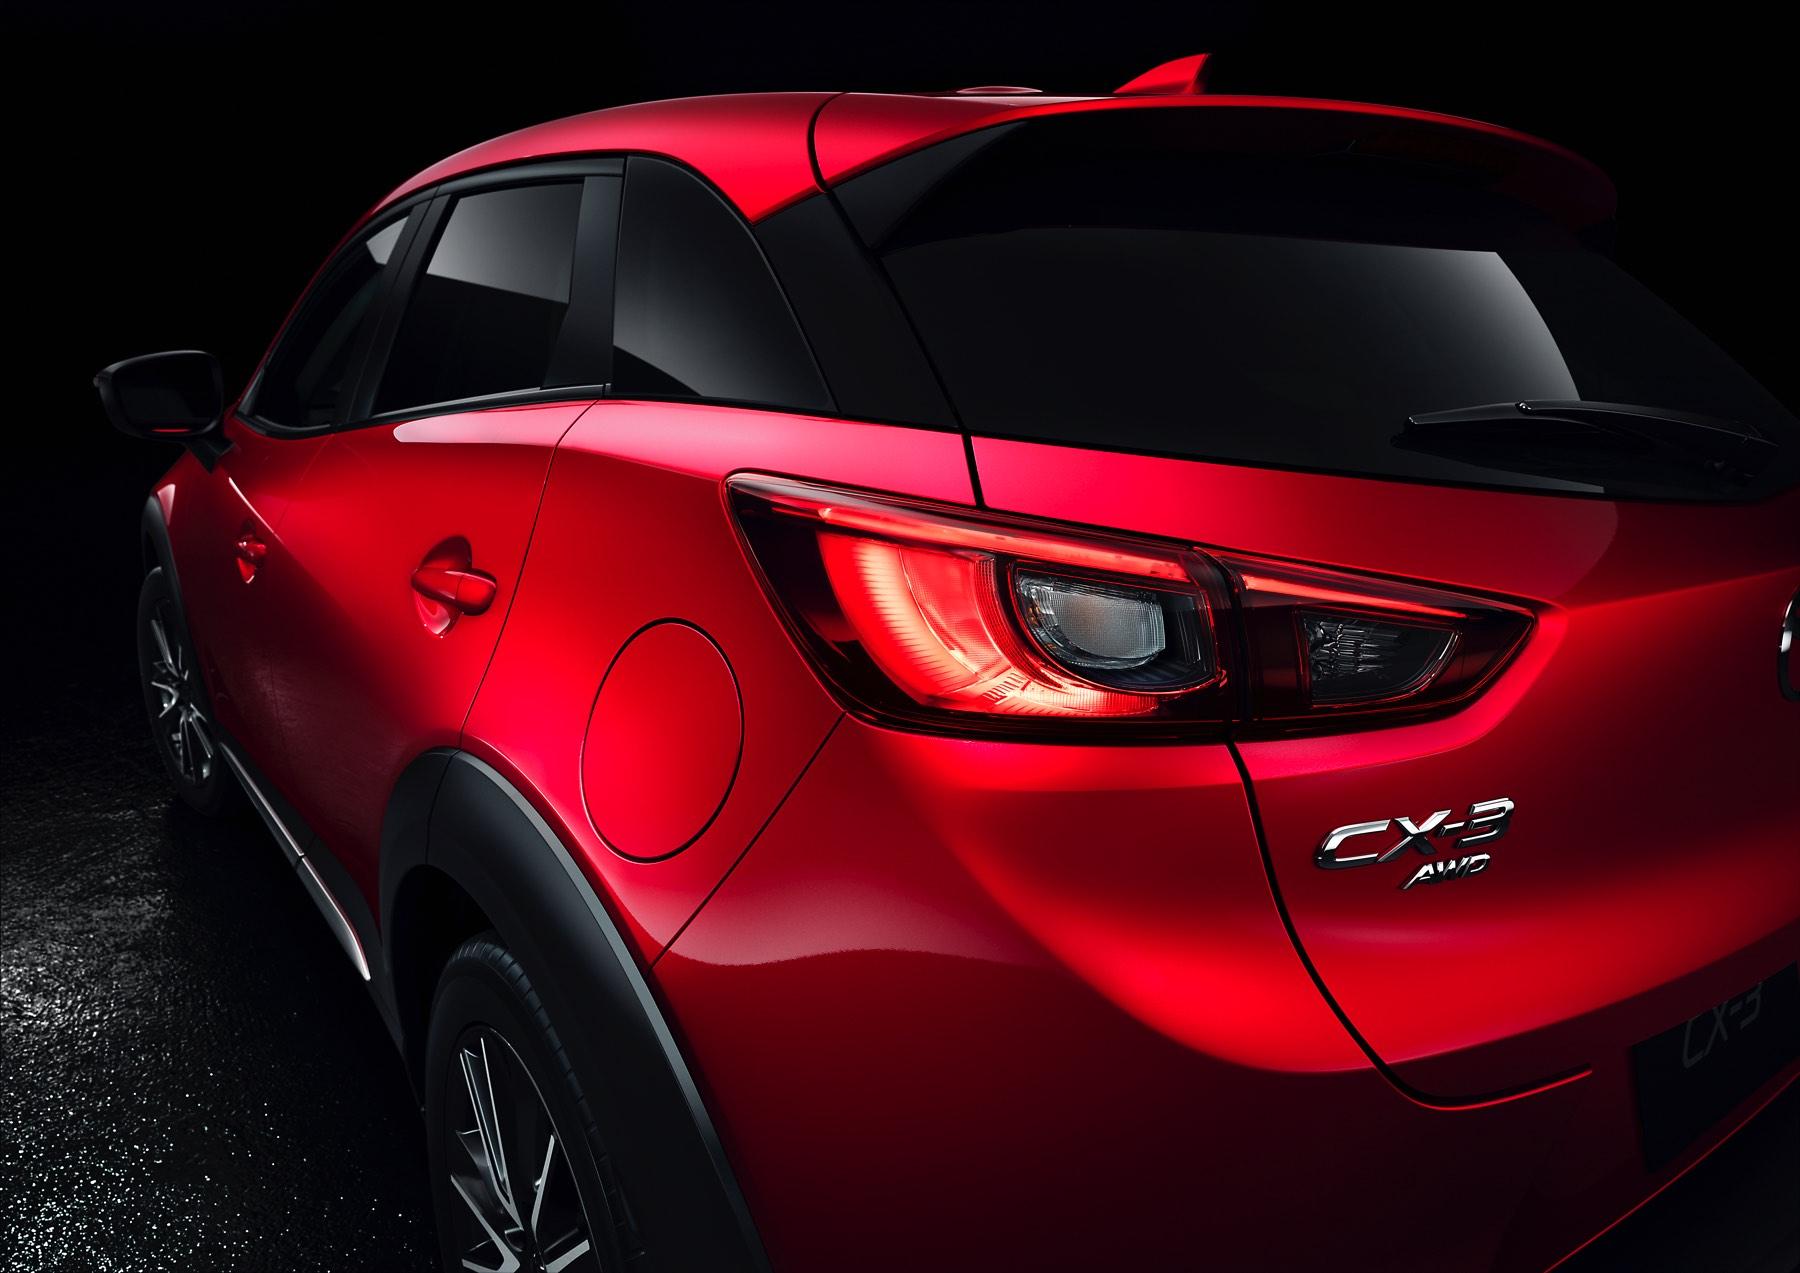 2016-Mazda-CX-3-010